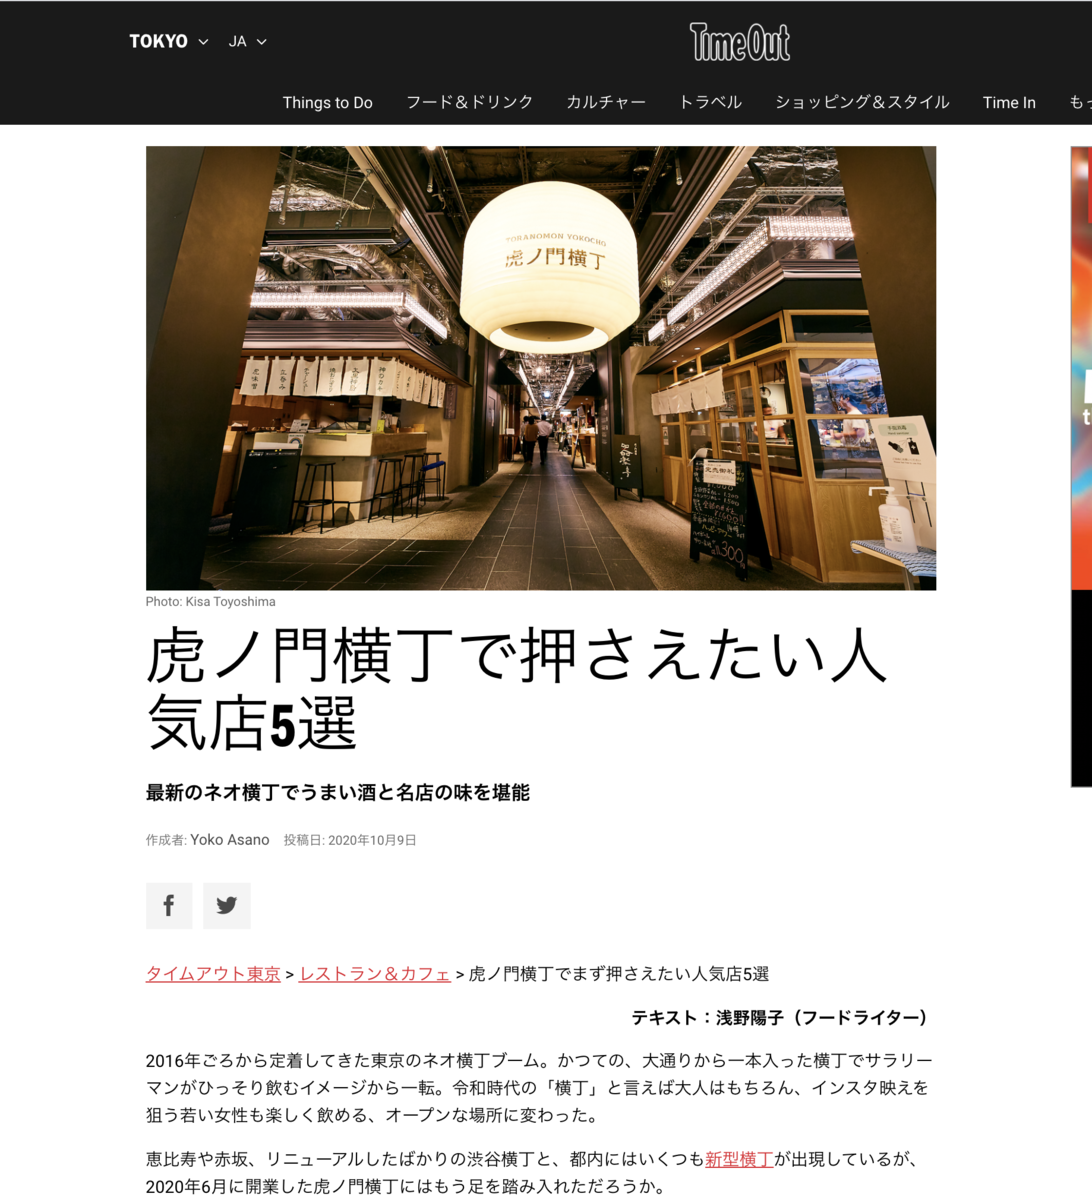 タイムアウト東京 特集 虎ノ門横丁